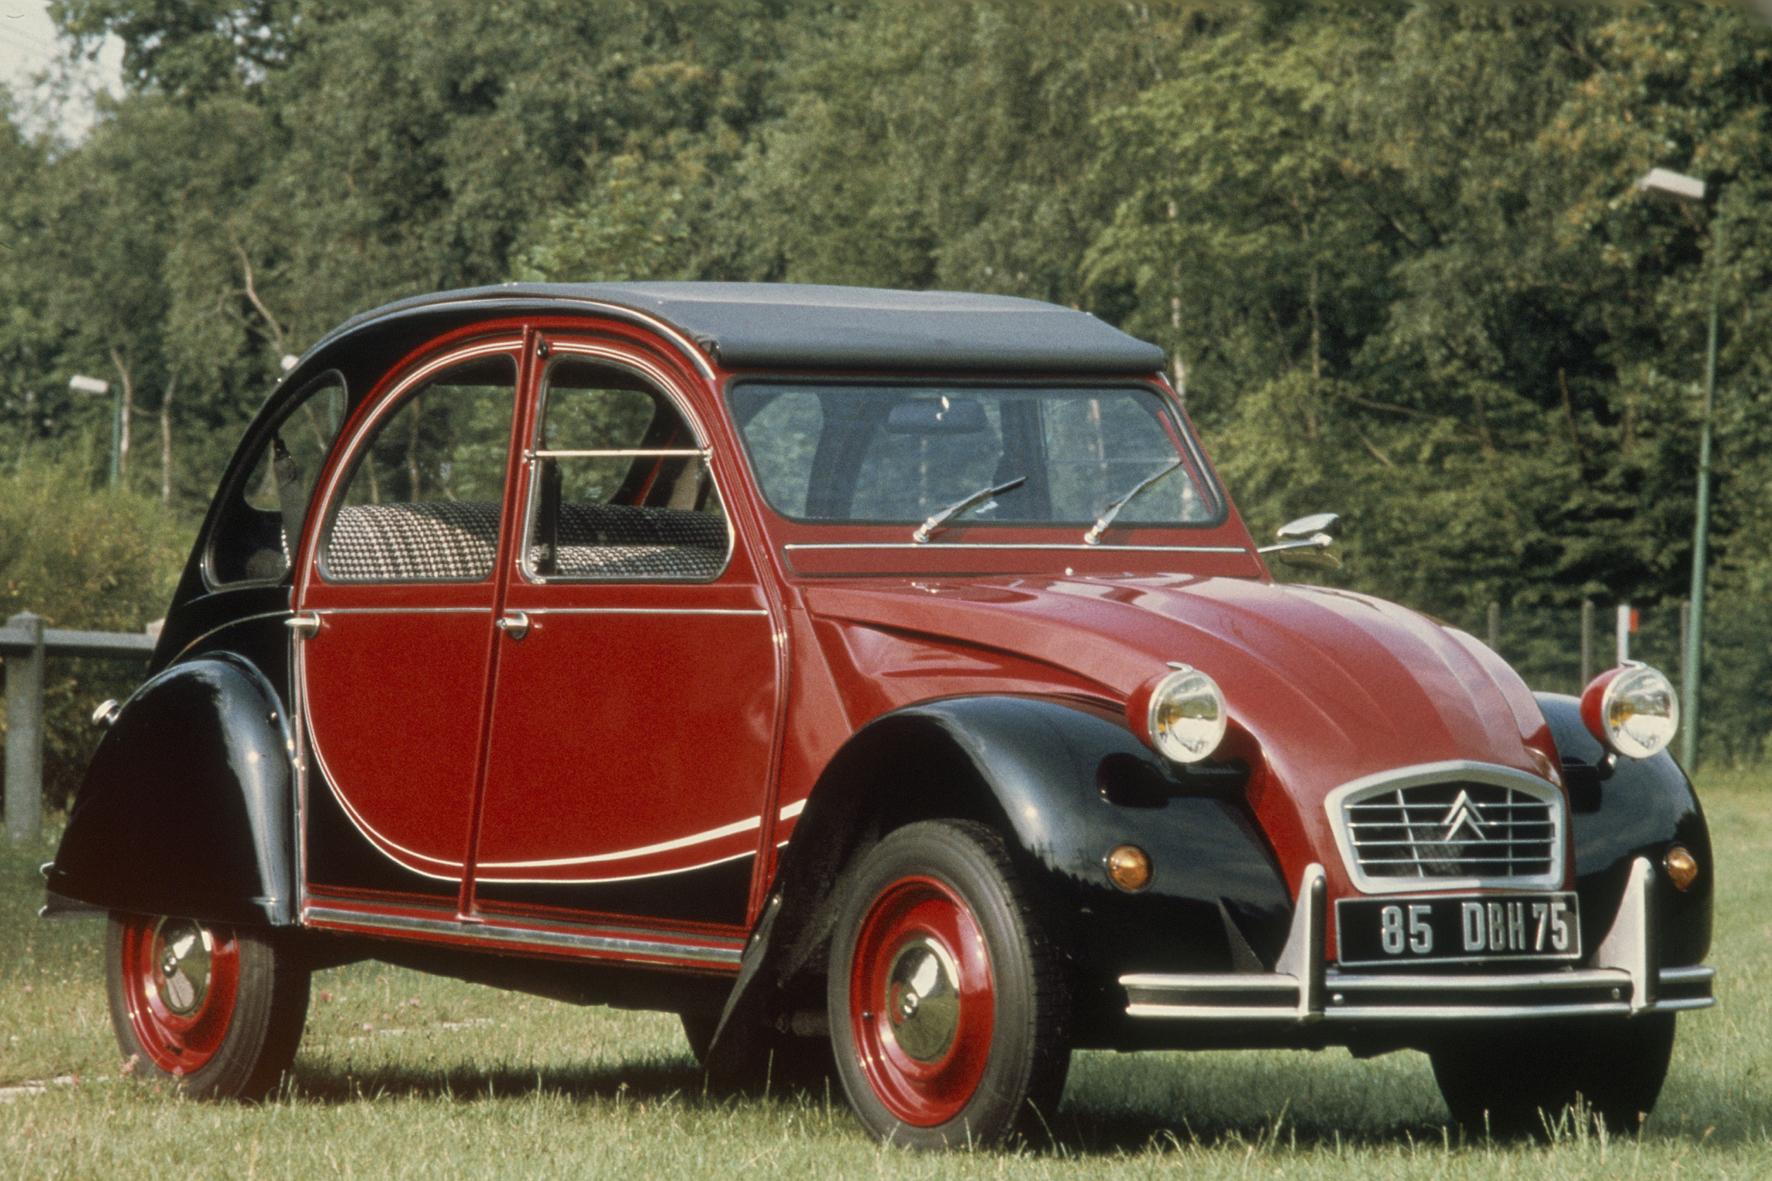 mid Düsseldorf - Über Jahrzehnte stand der Citroen 2CV wie auch der VW Käfer für die Erfüllung der Mobilitätsbedürfnisse von Millionen Menschen. Sie war einfach, günstig und in den Augen Vieler auch schick.